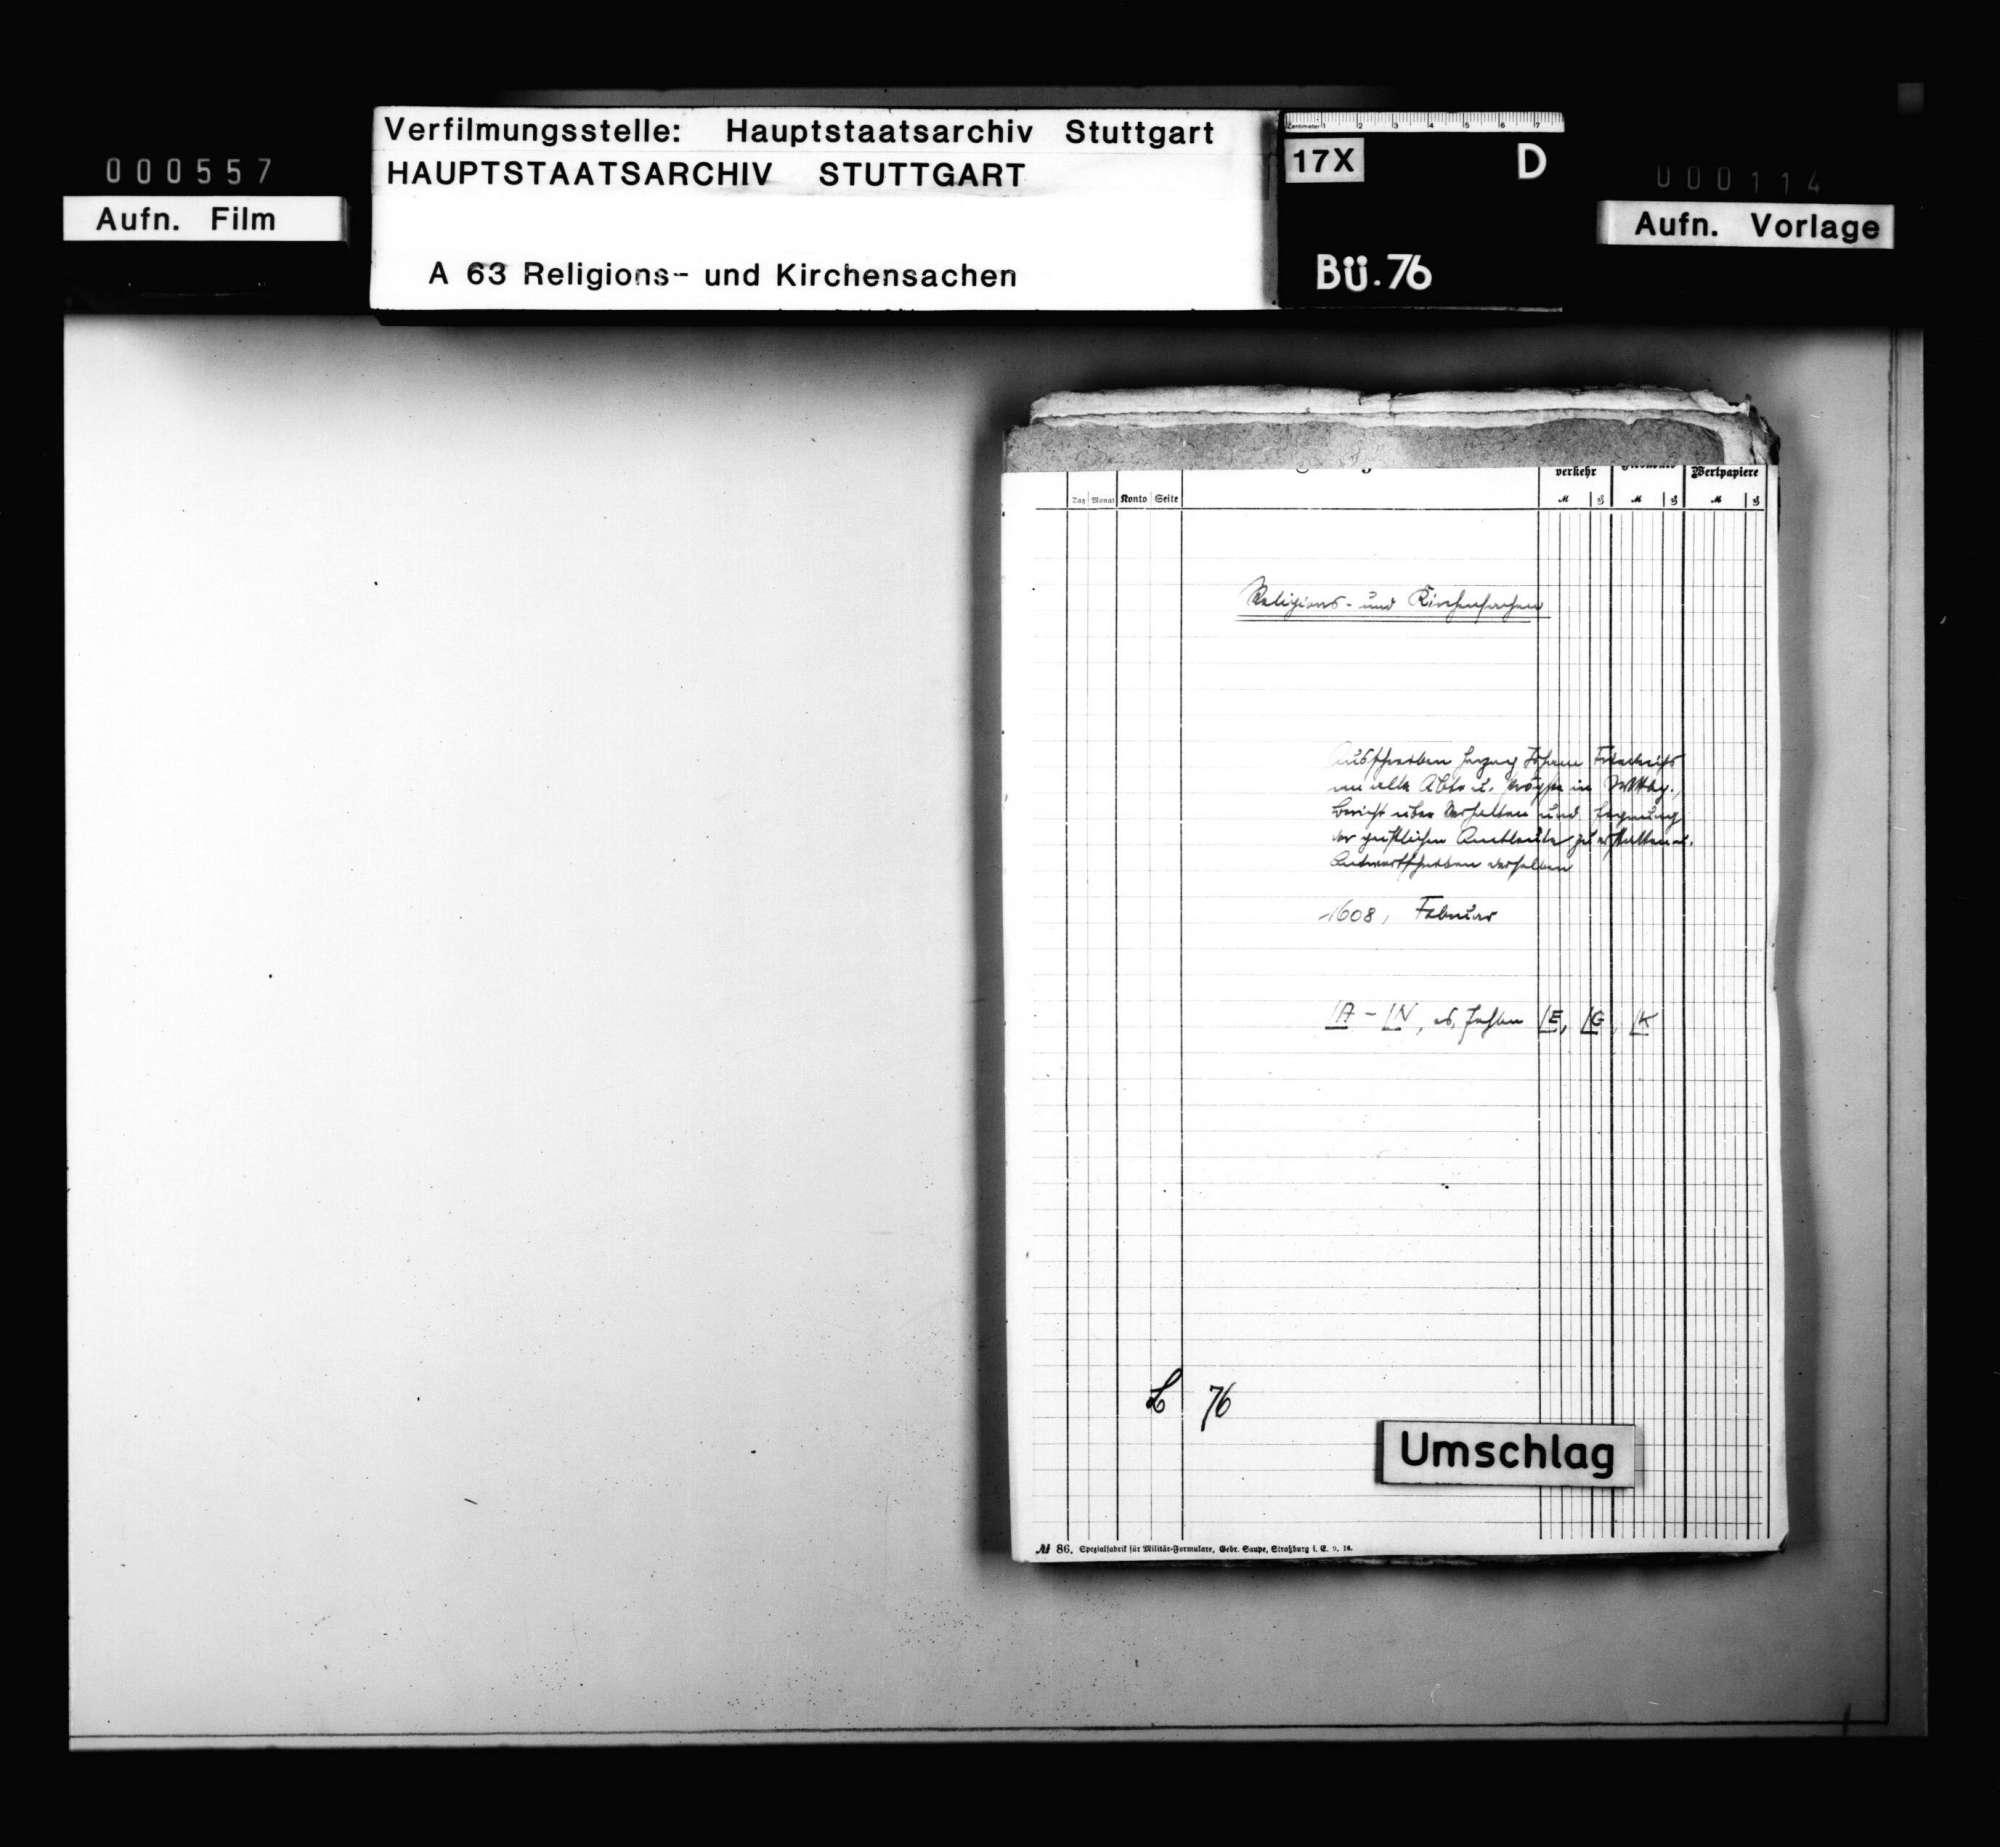 Ausschreiben Herzog Johann Friedrichs an alle Äbte und Pröpste in Württemberg, Bericht über Verhalten und Eignung der geistlichen Amtleute zu erstatten., Bild 1